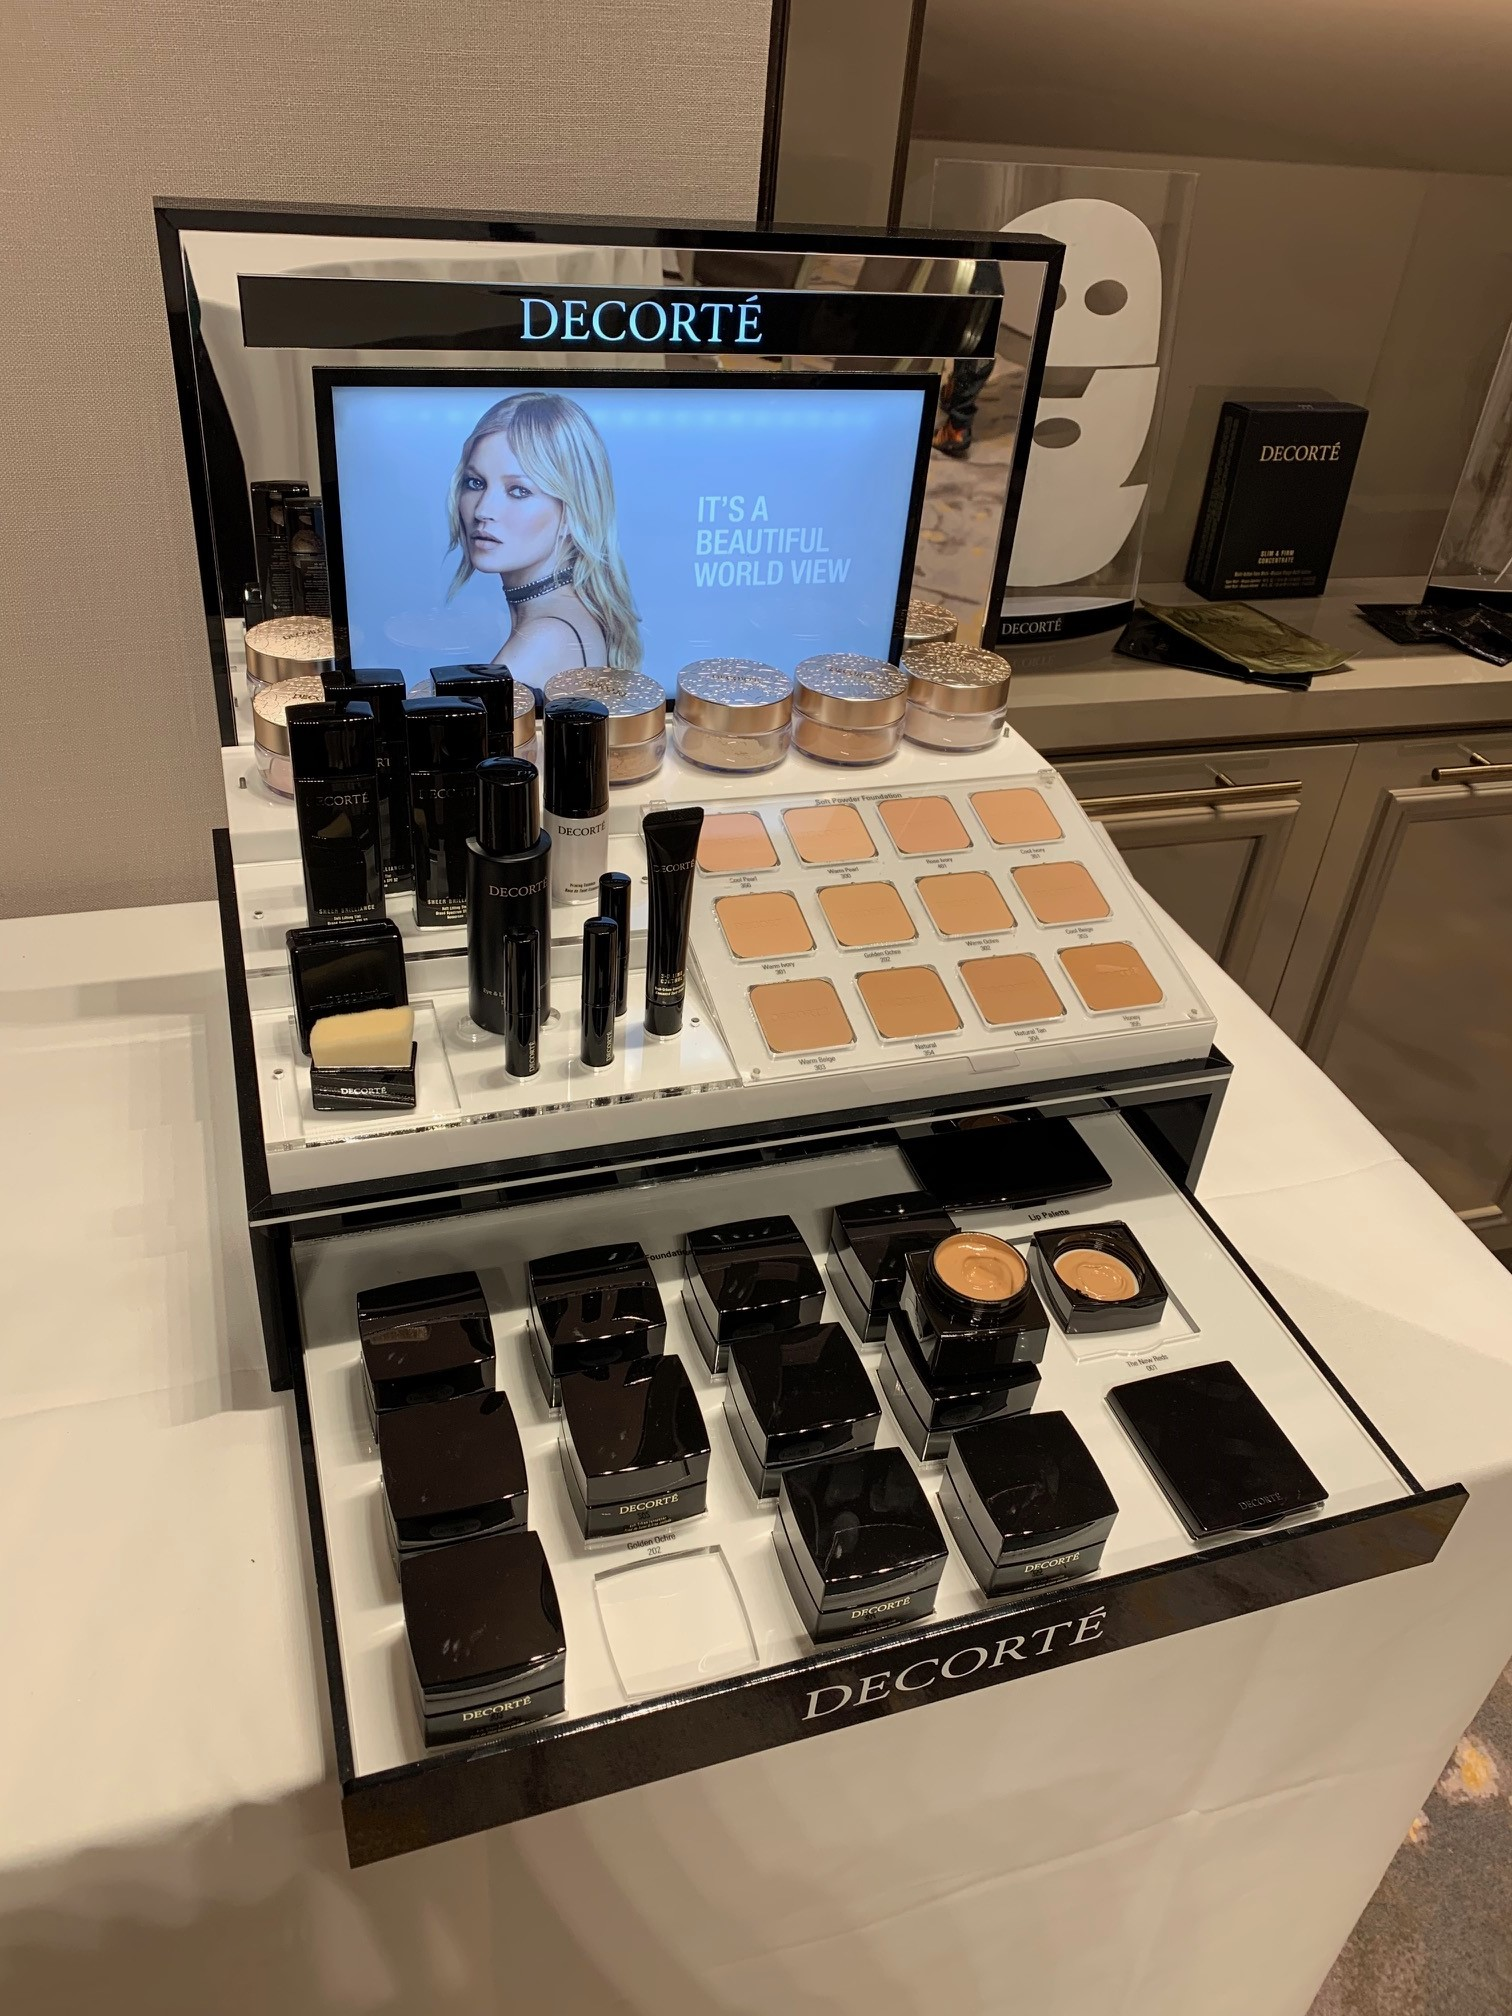 黛珂的彩妝系列做為護膚系列的延伸,幫助肌膚展現健康透亮光澤。